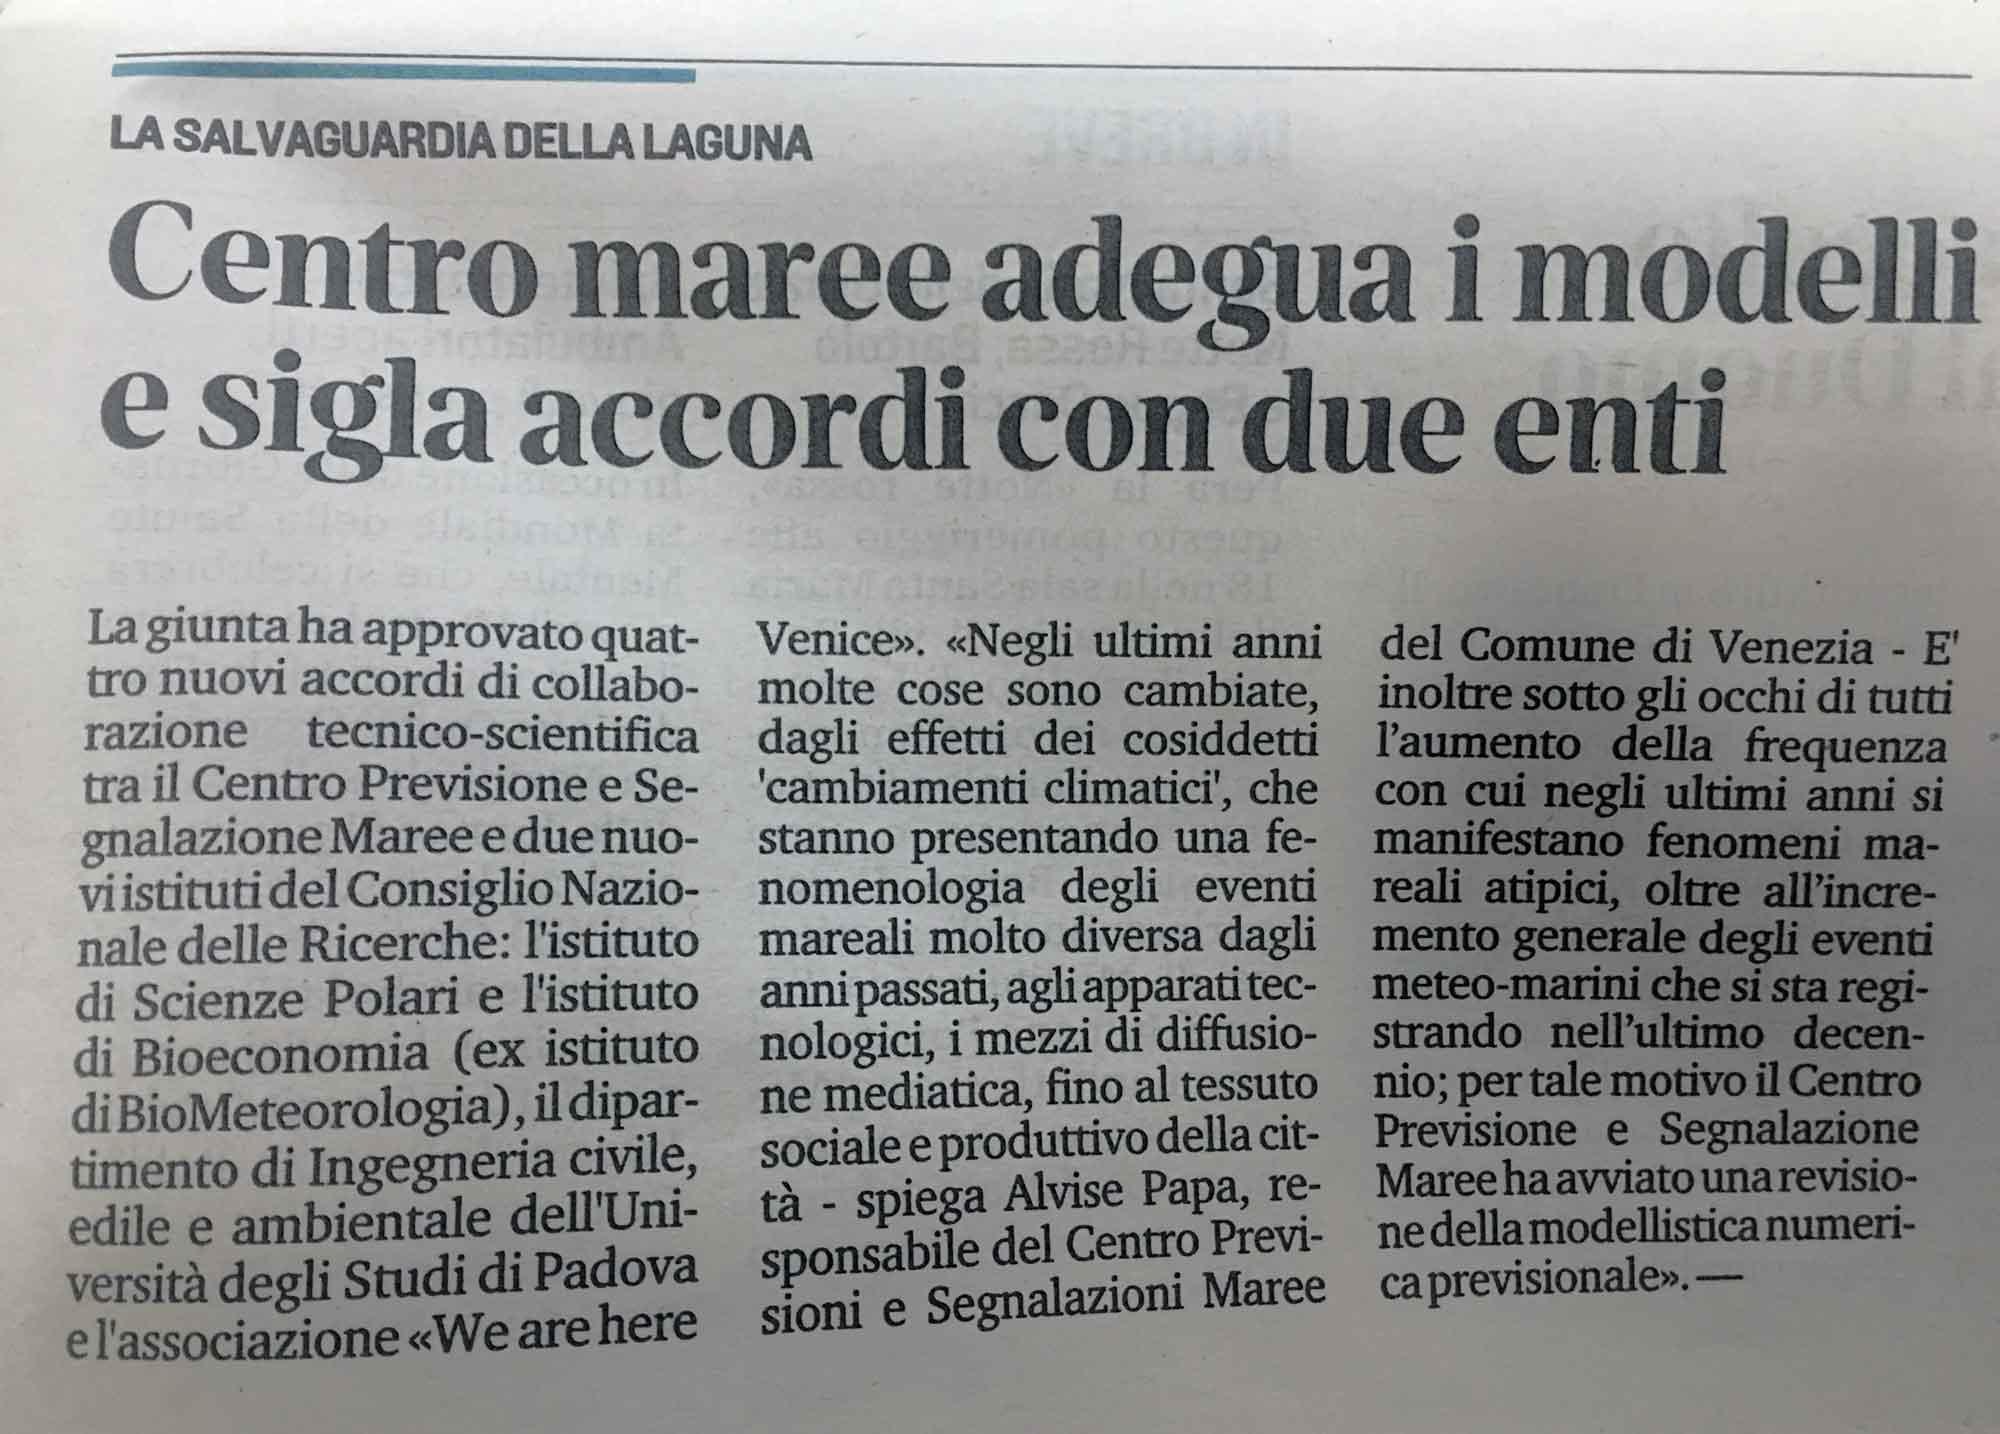 La Nuova Venezia 07.10.19 Centro Maree Adegua I Modelli E Sigla Accordi Con Due Enti